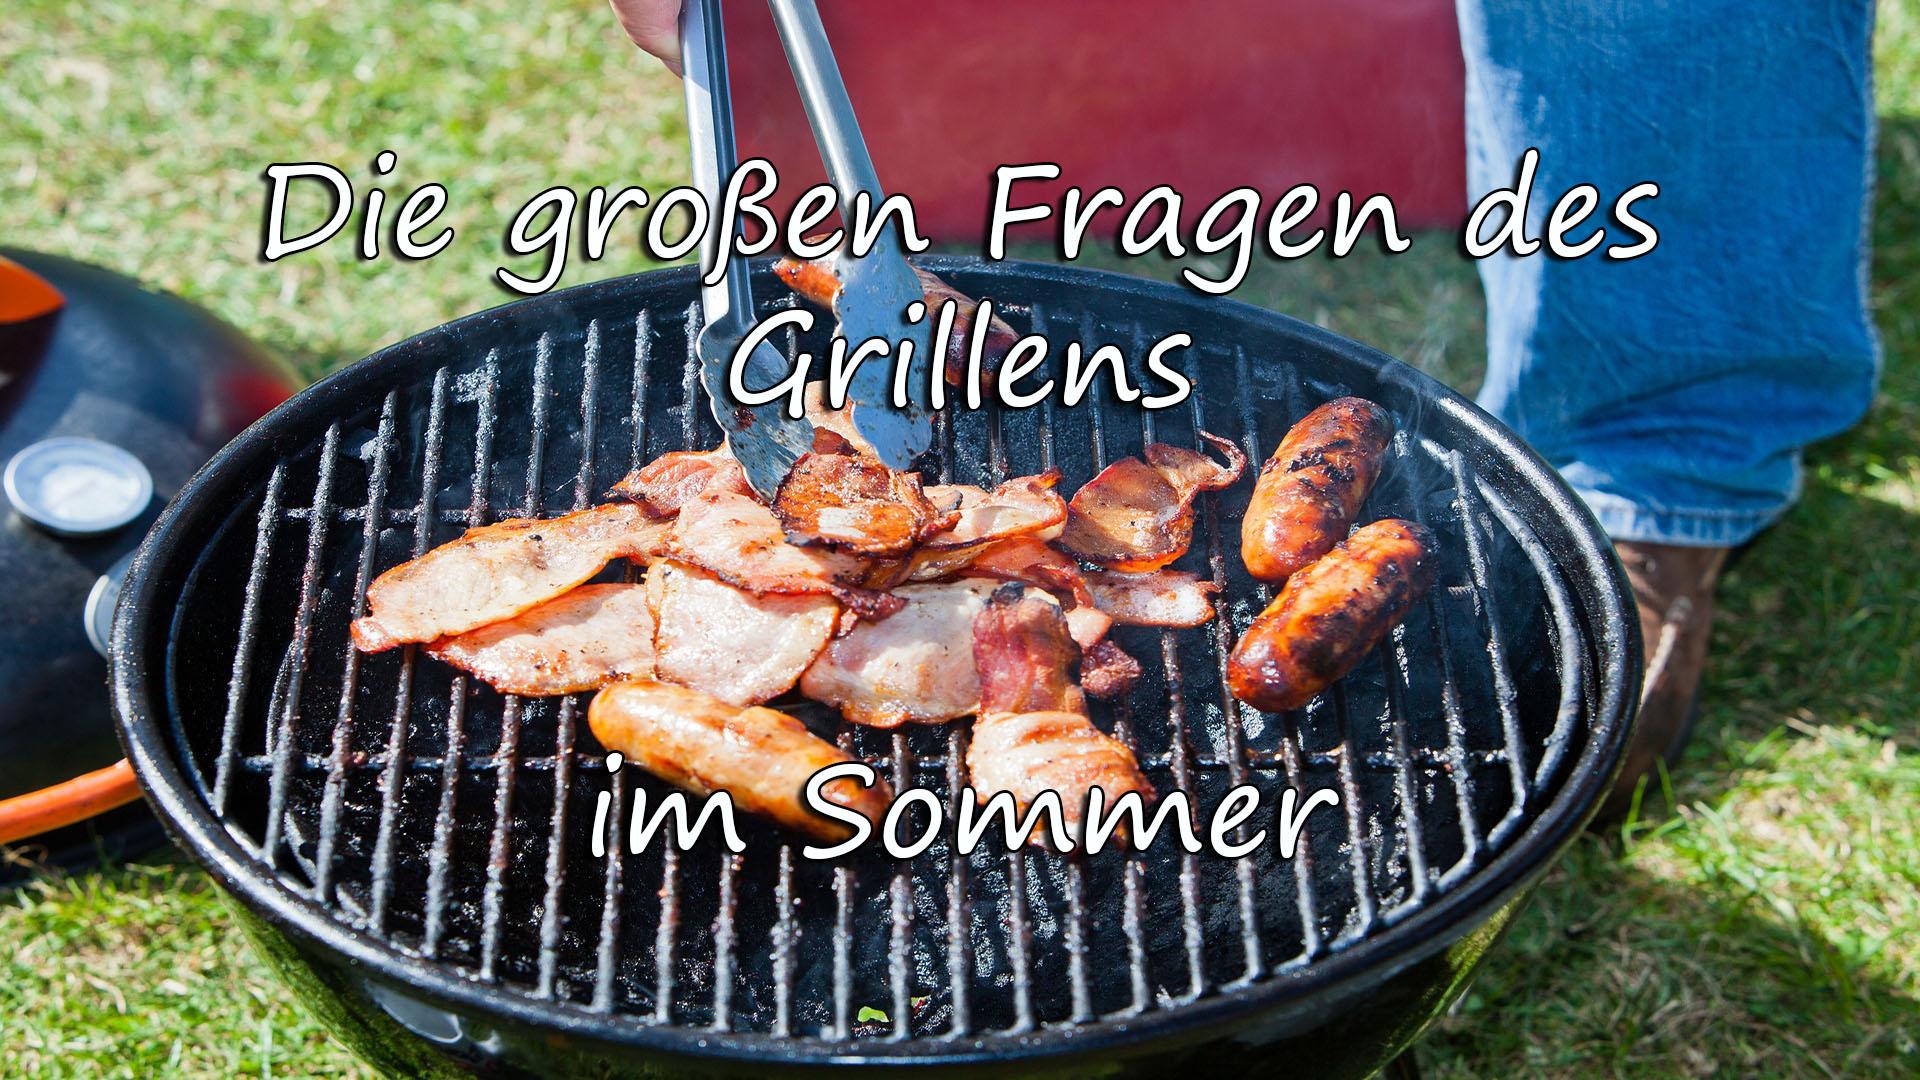 Die großen Fragen des Grillens im Sommer auf Kochen-verstehen.de